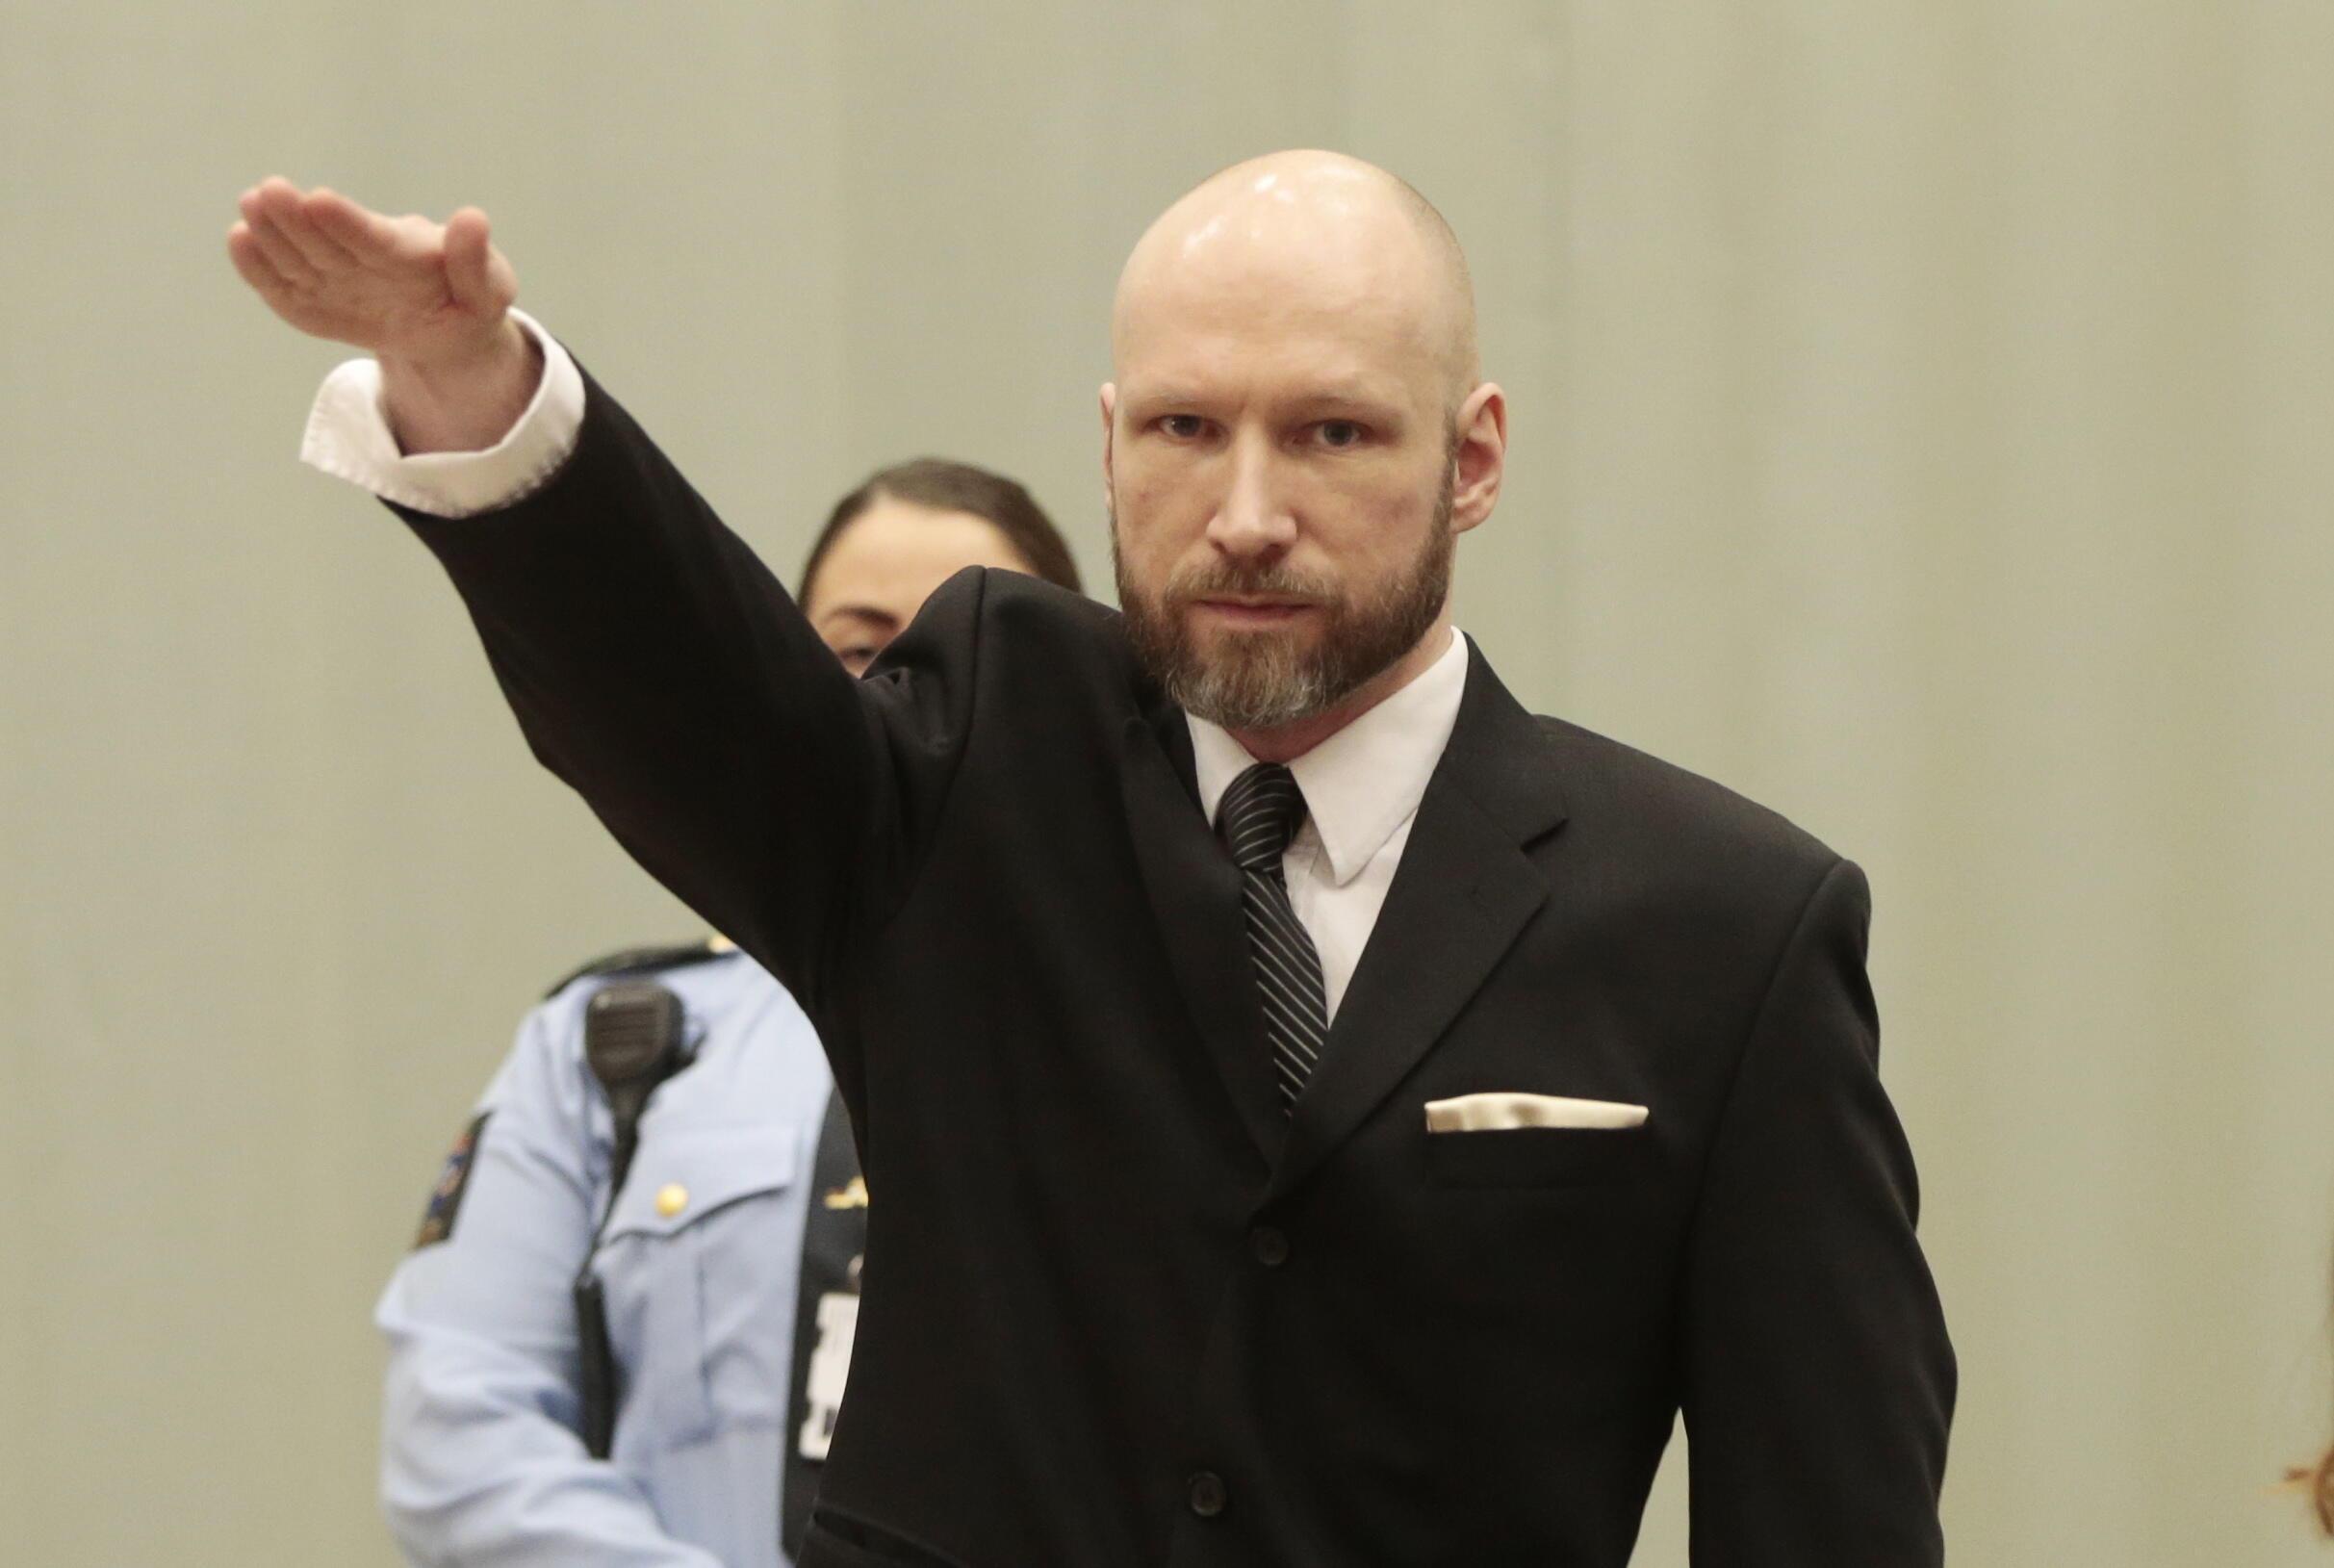 El noruego Anders Behring Breivik mató a tiros a 69 personas en un campamento juvenil en la isla de Utoya, poco después de matar a ocho personas en un atentado con bomba frente a un edificio gubernamental en Oslo en 2011.